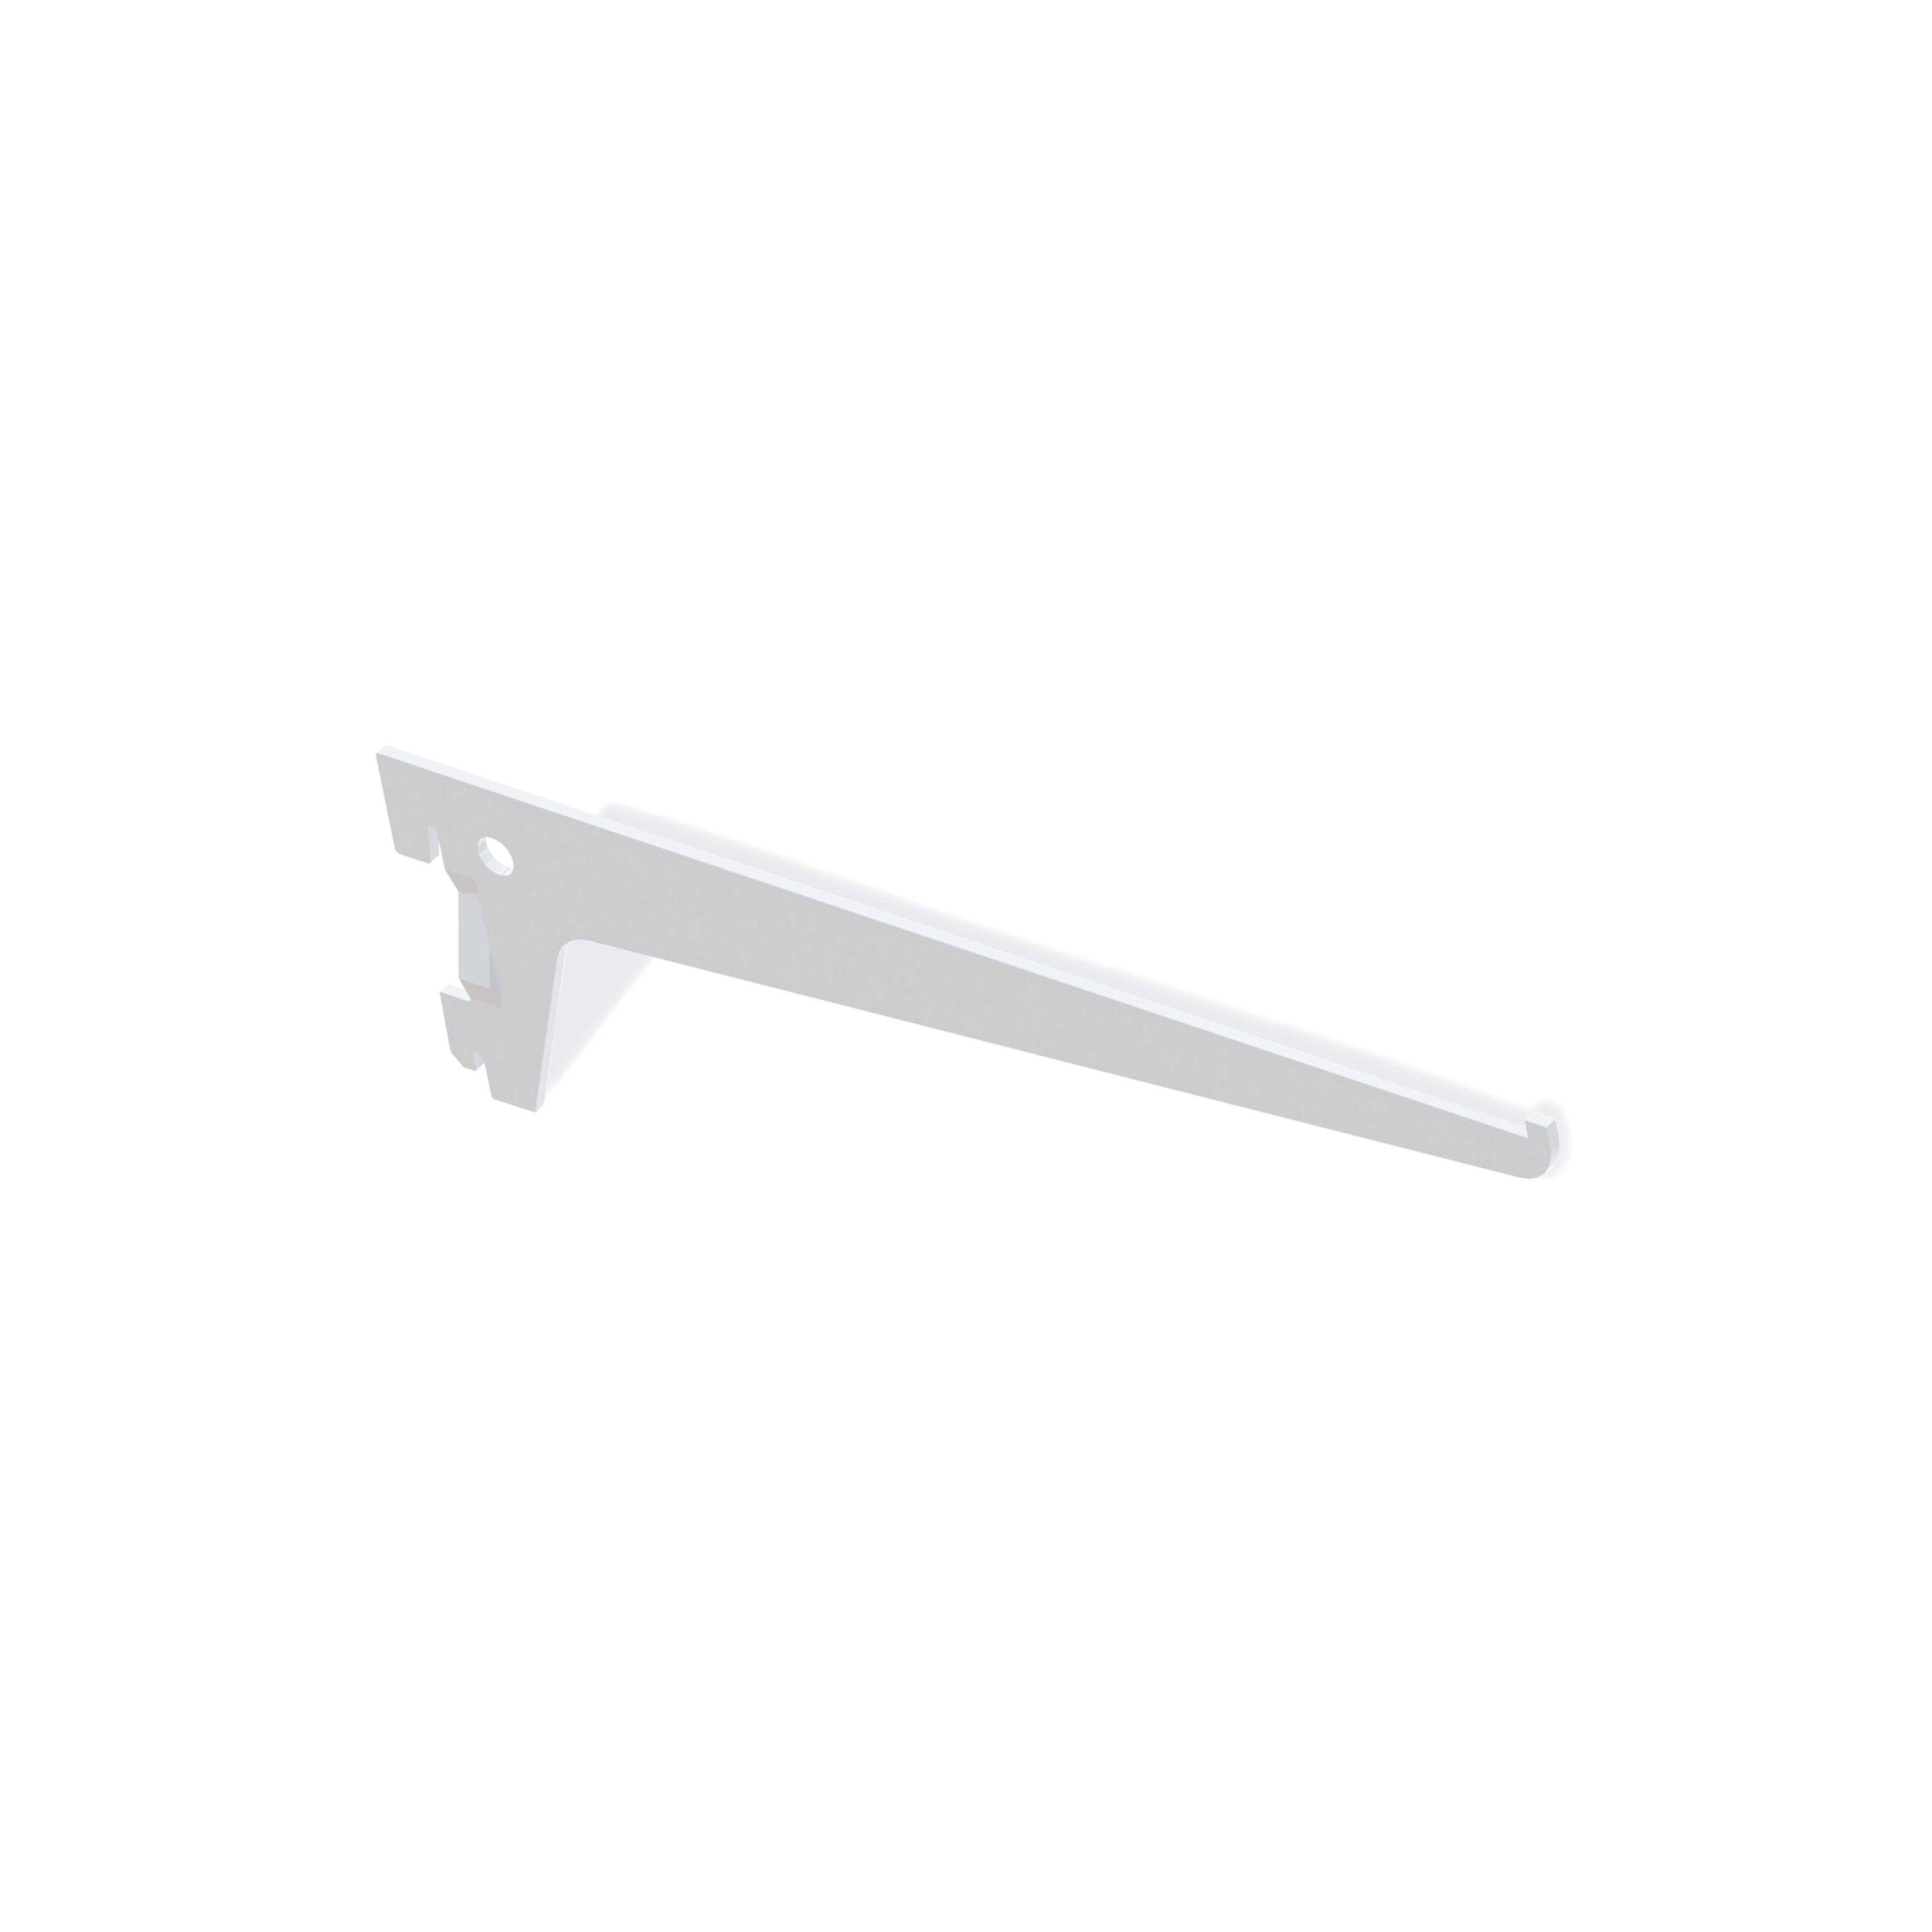 Emuca Supporto per ripiano di legno/vetro, profilo a passo 50 mm, 300 mm, Acciaio, Bianco